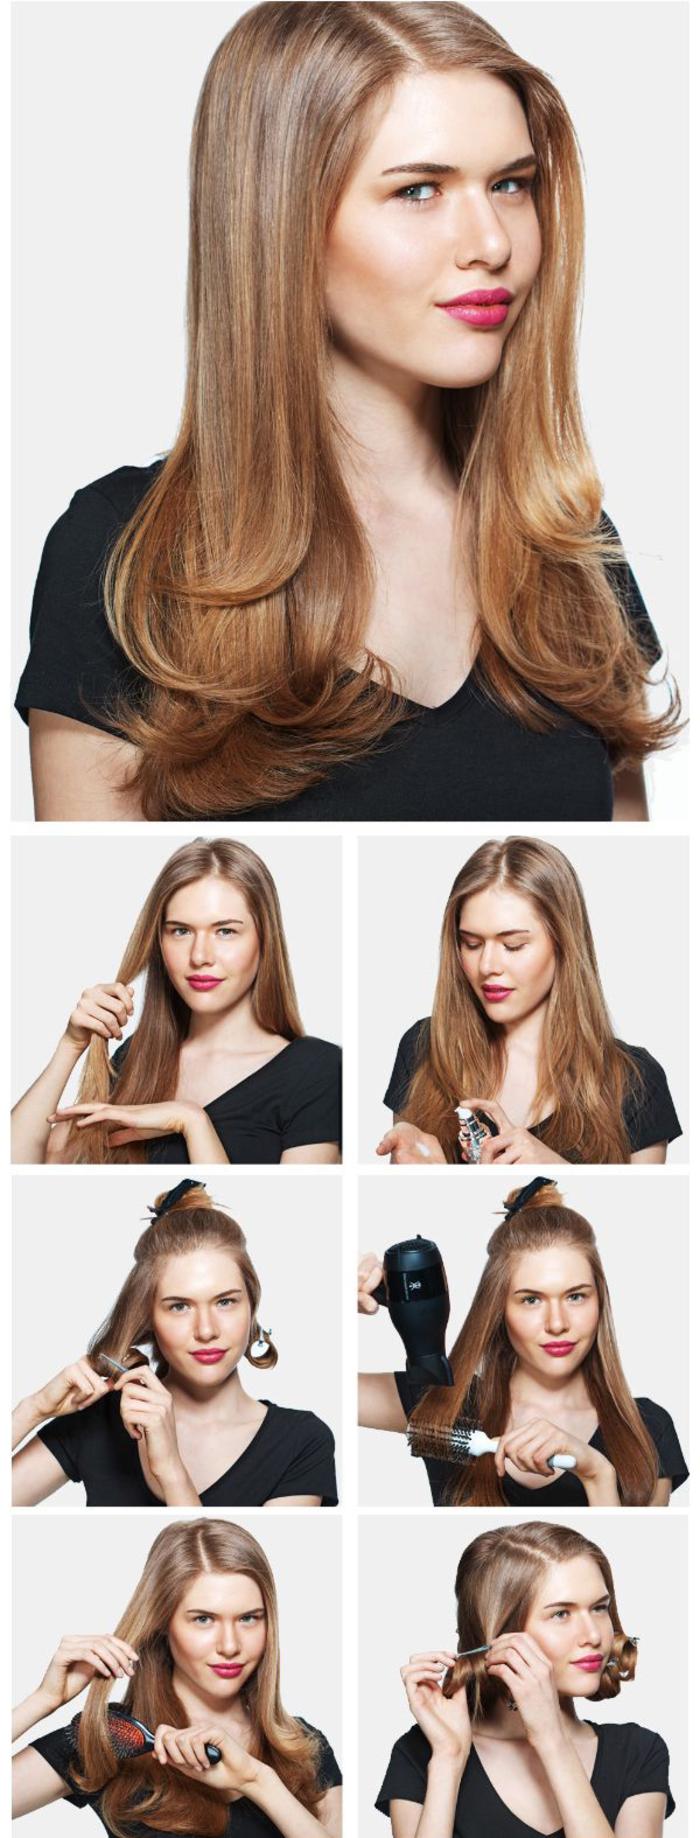 idée coiffures cheveux longs avec la technique du brushing réalisé en peu de temps